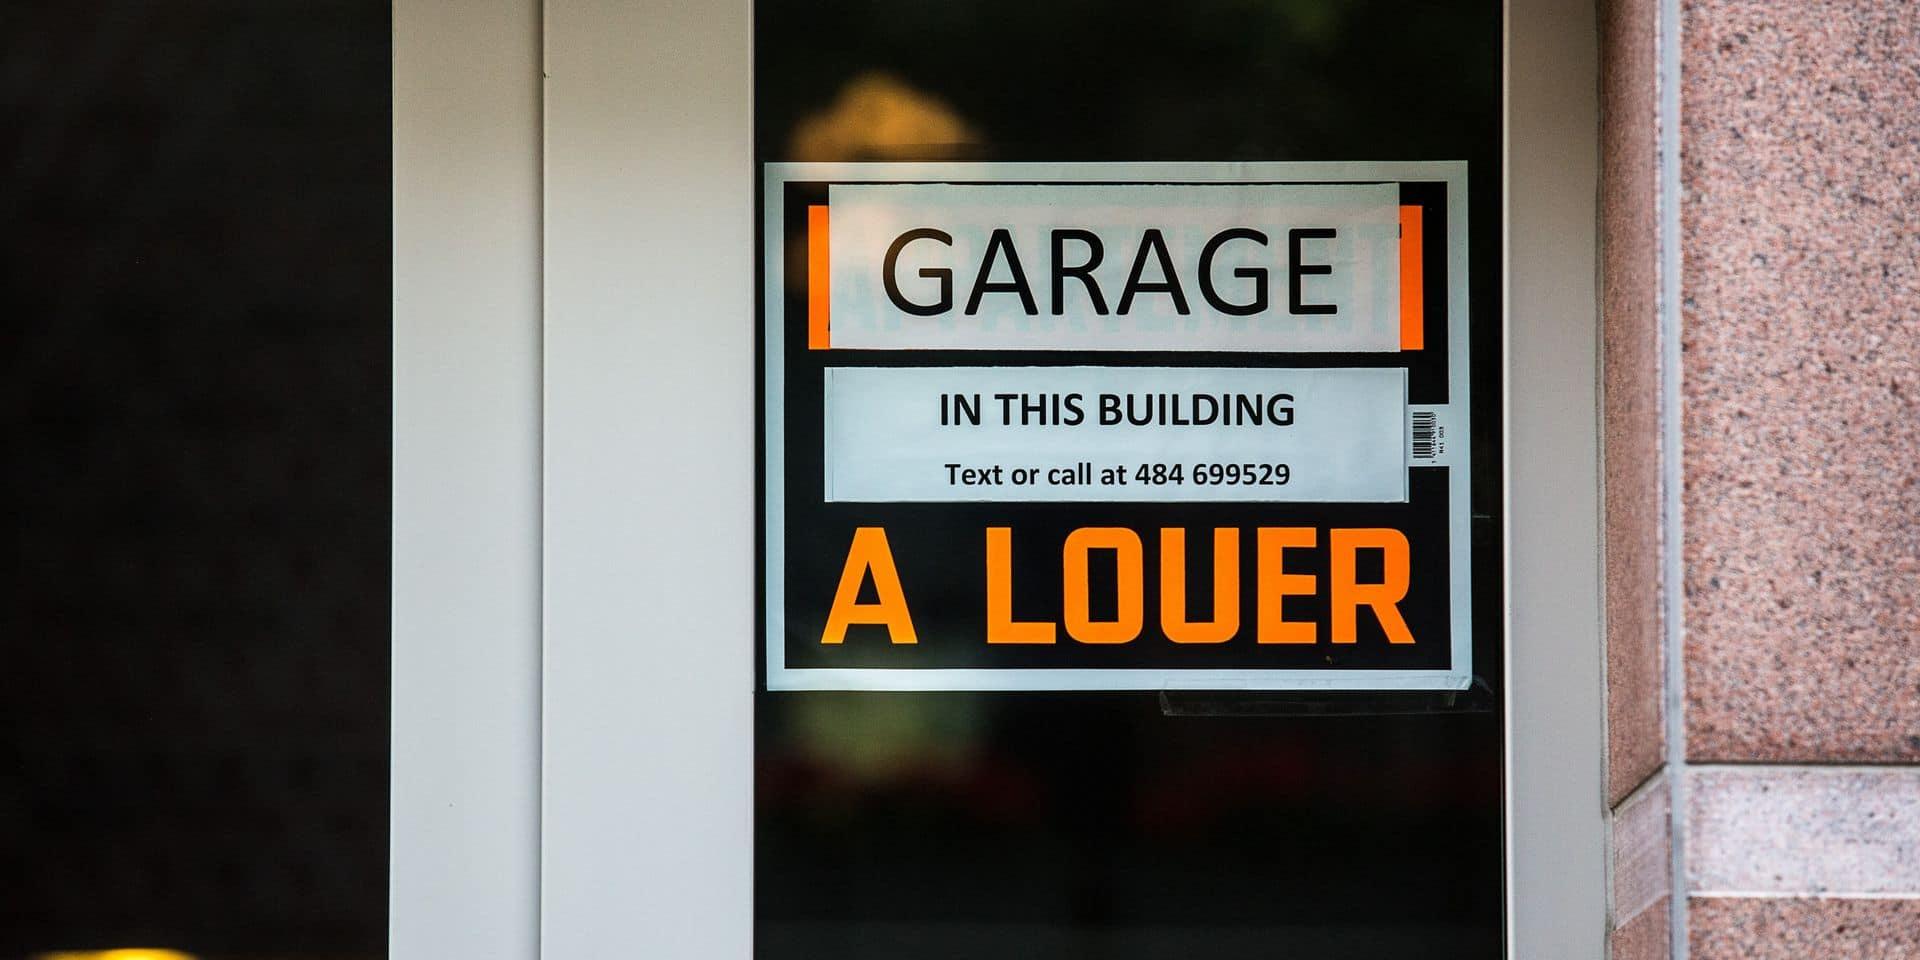 57.700 euros, le prix moyen pour un garage à Knokke-Heist